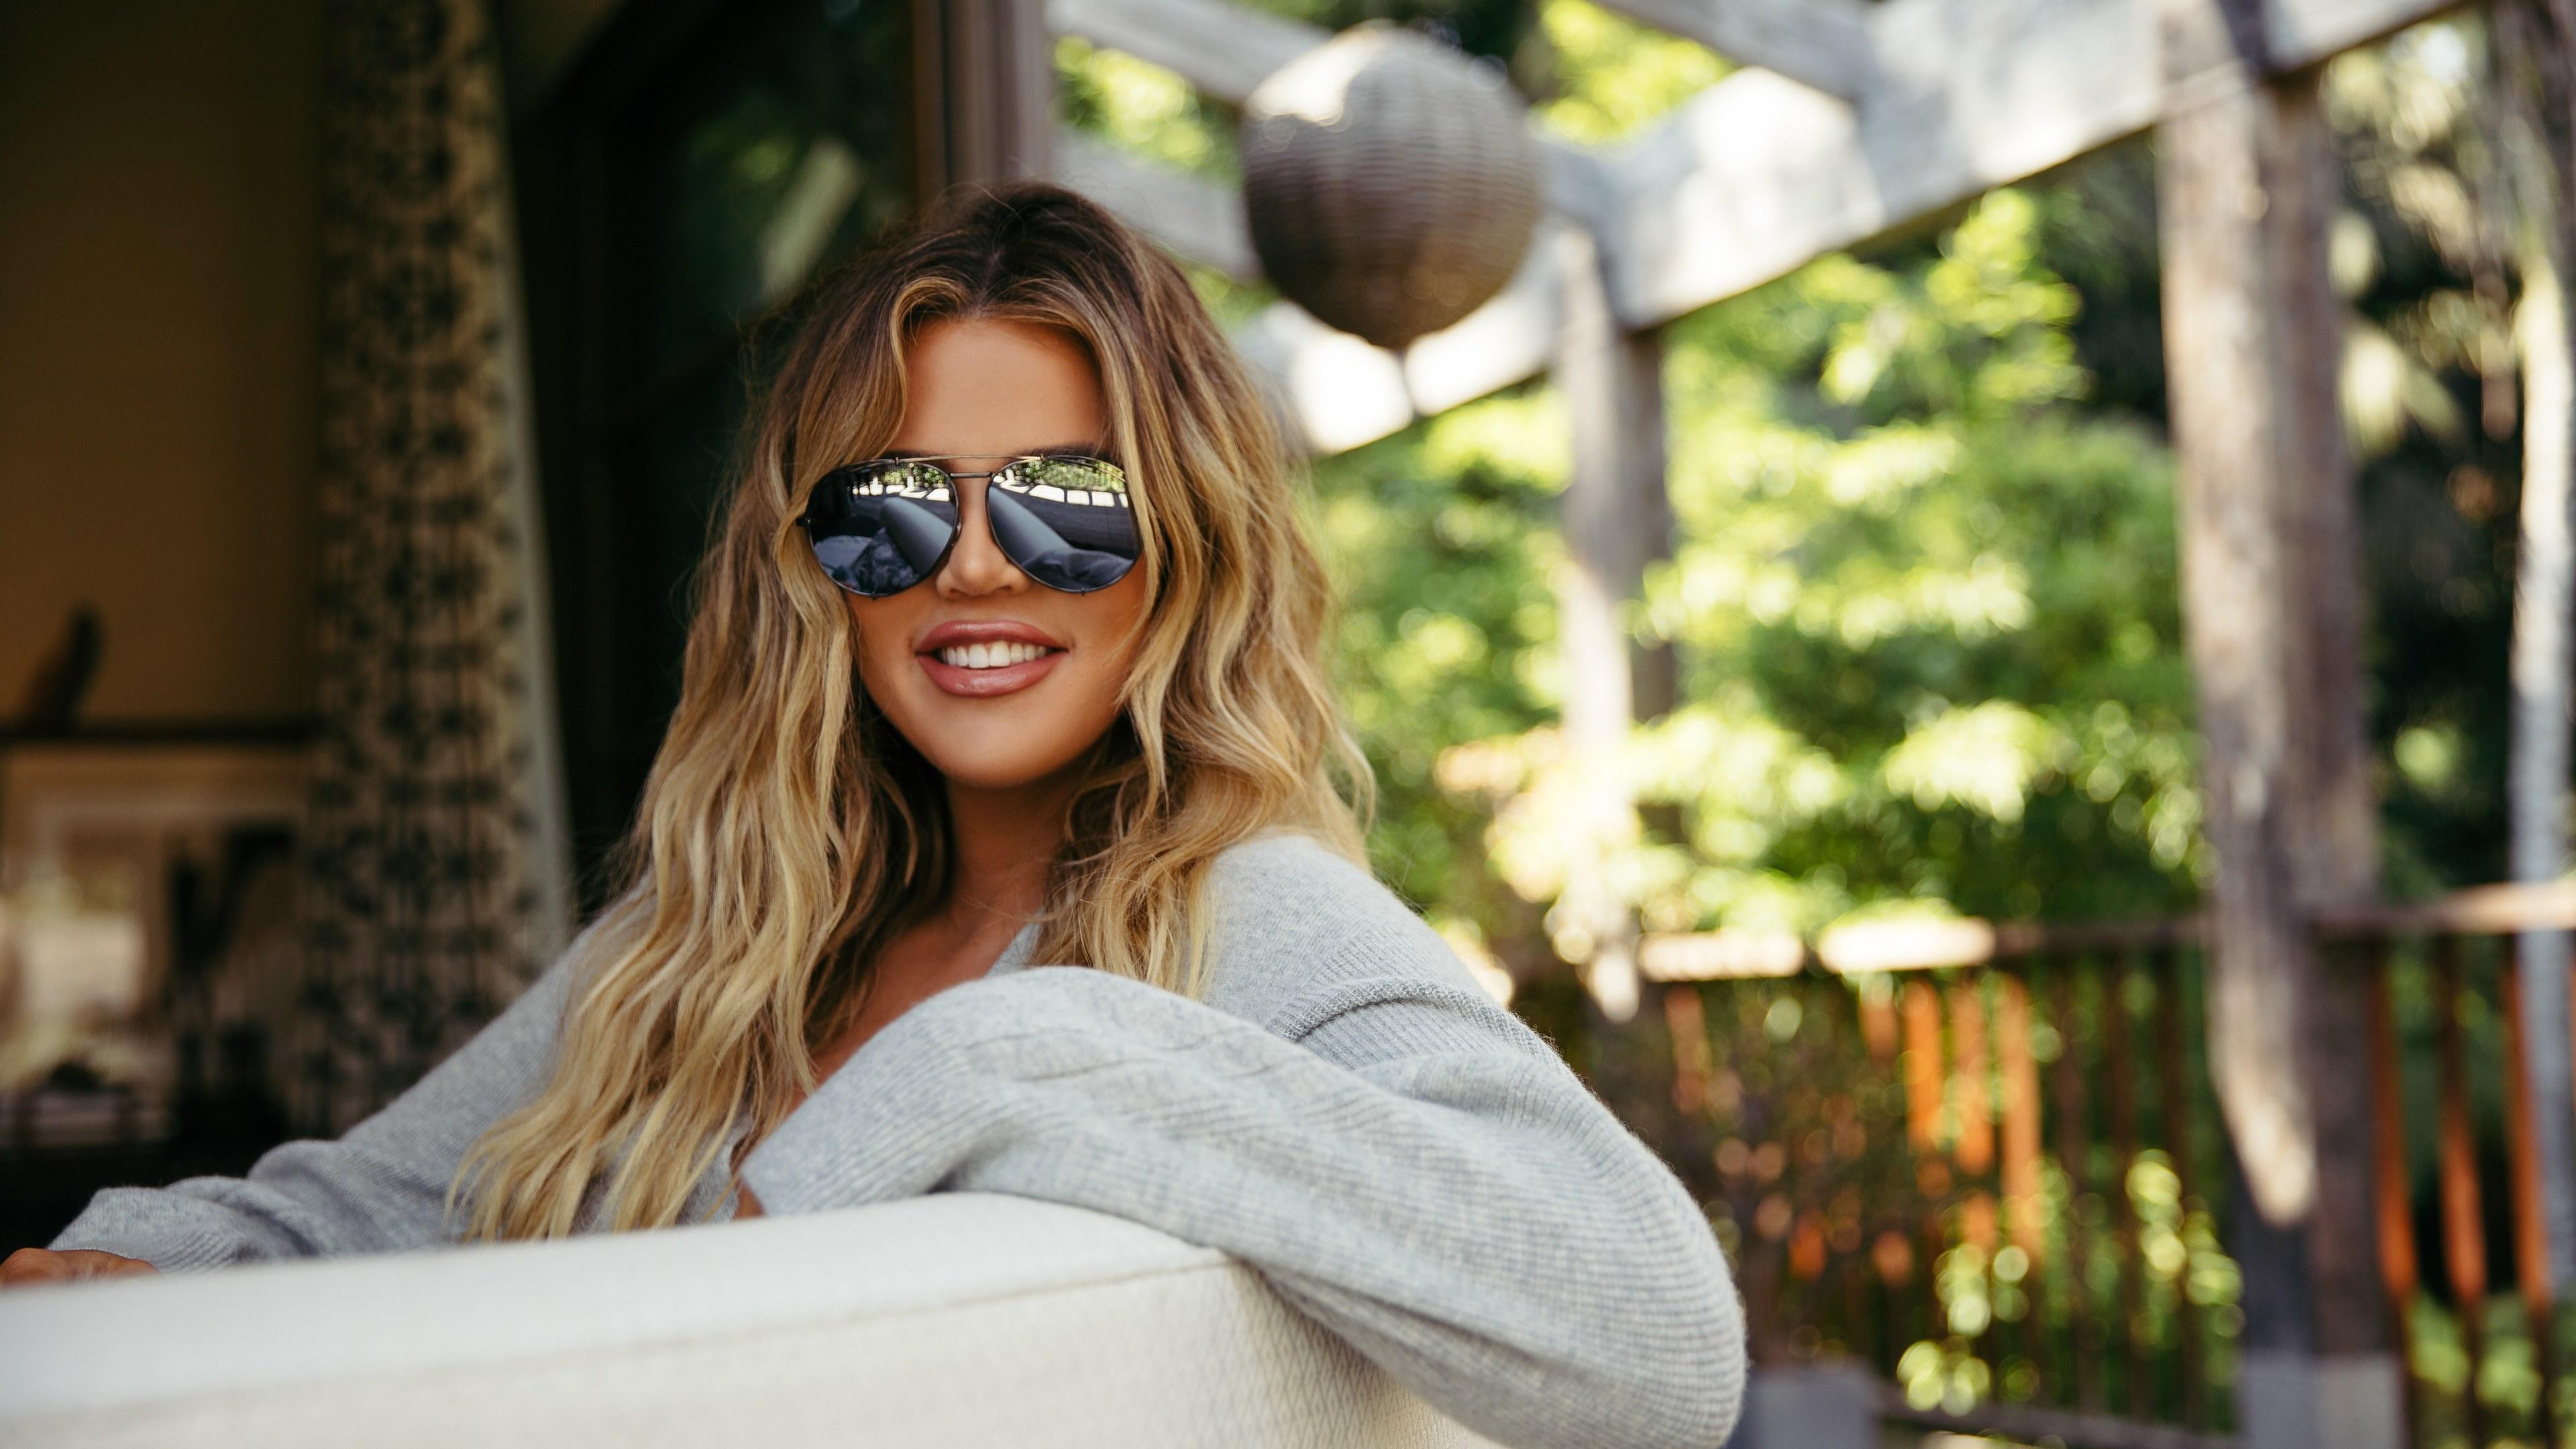 khloe kardashian w magazine 5k 1536862702 - Khloe Kardashian W Magazine 5k - model wallpapers, khloe kardashian wallpapers, hd-wallpapers, girls wallpapers, celebrities wallpapers, 5k wallpapers, 4k-wallpapers